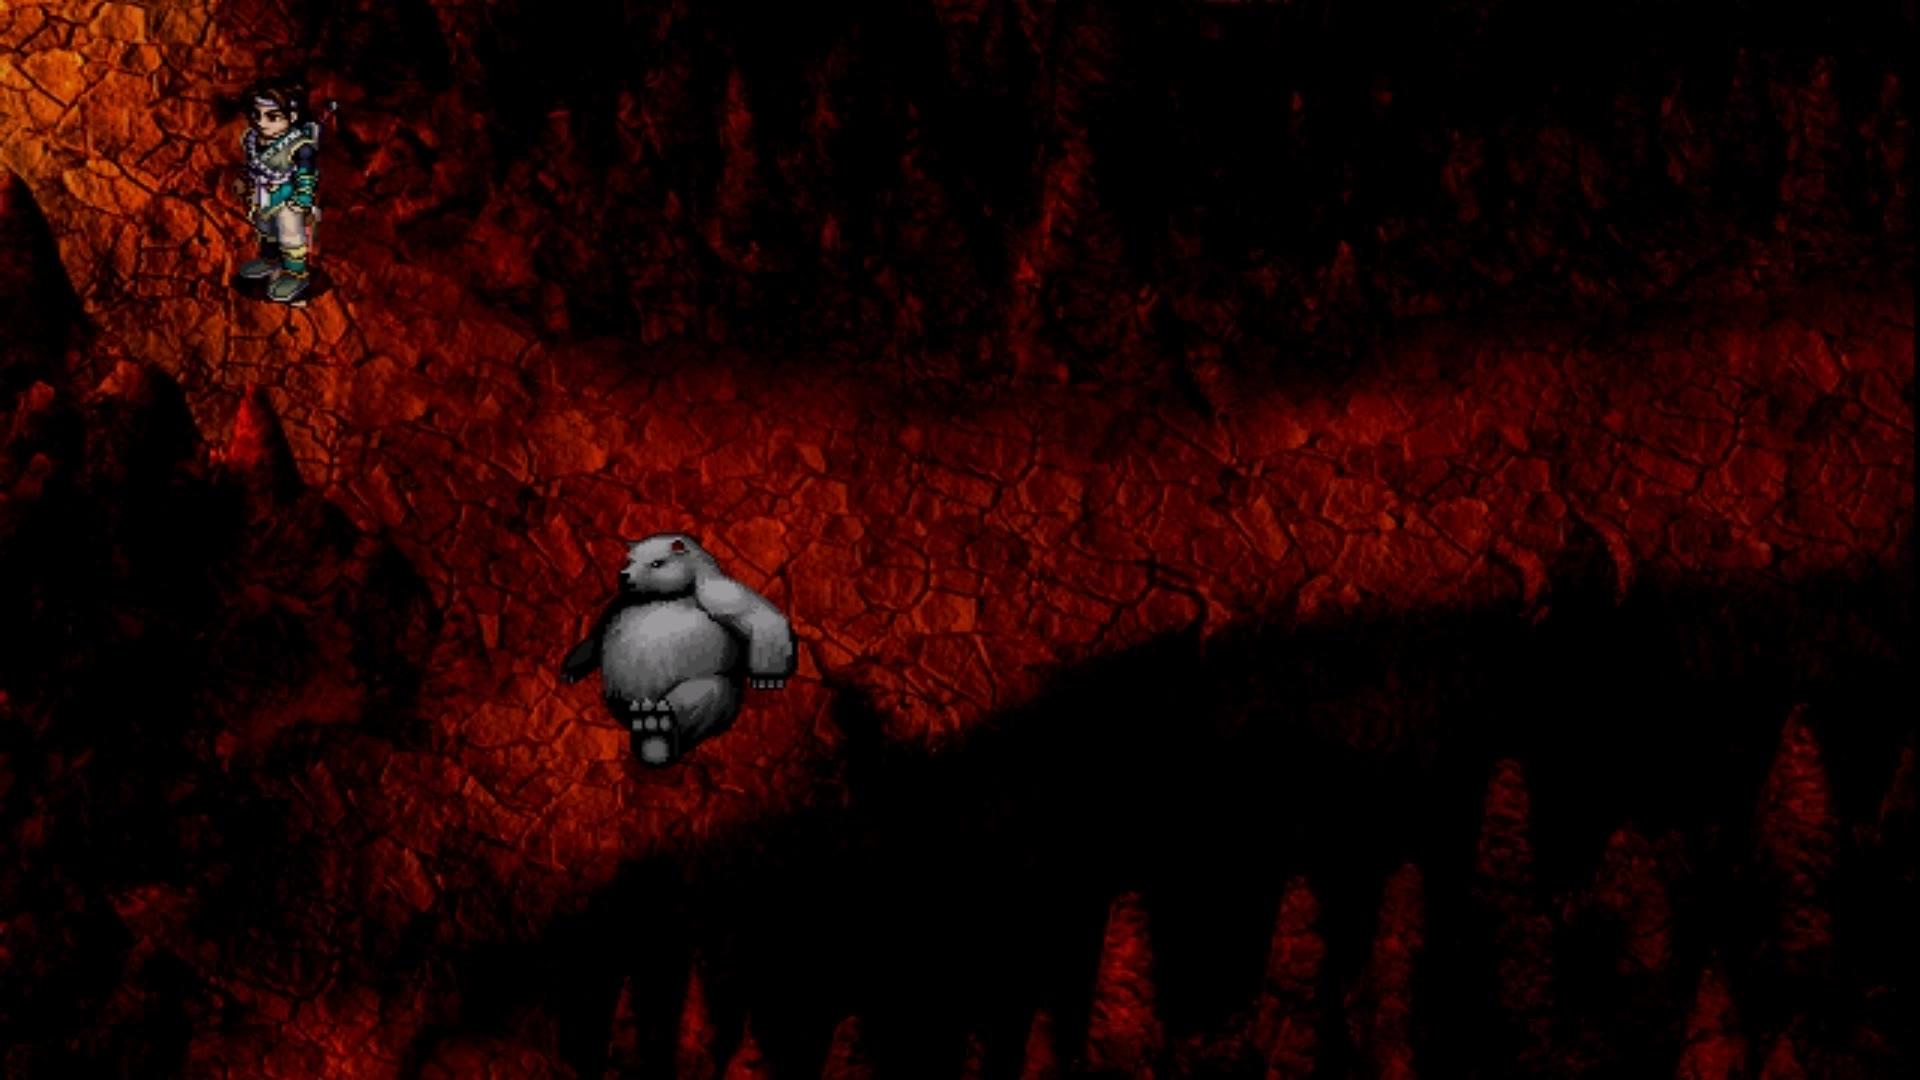 仙剑奇侠传二 9 玲珑福地取天蛇杖&得到火猴1图片